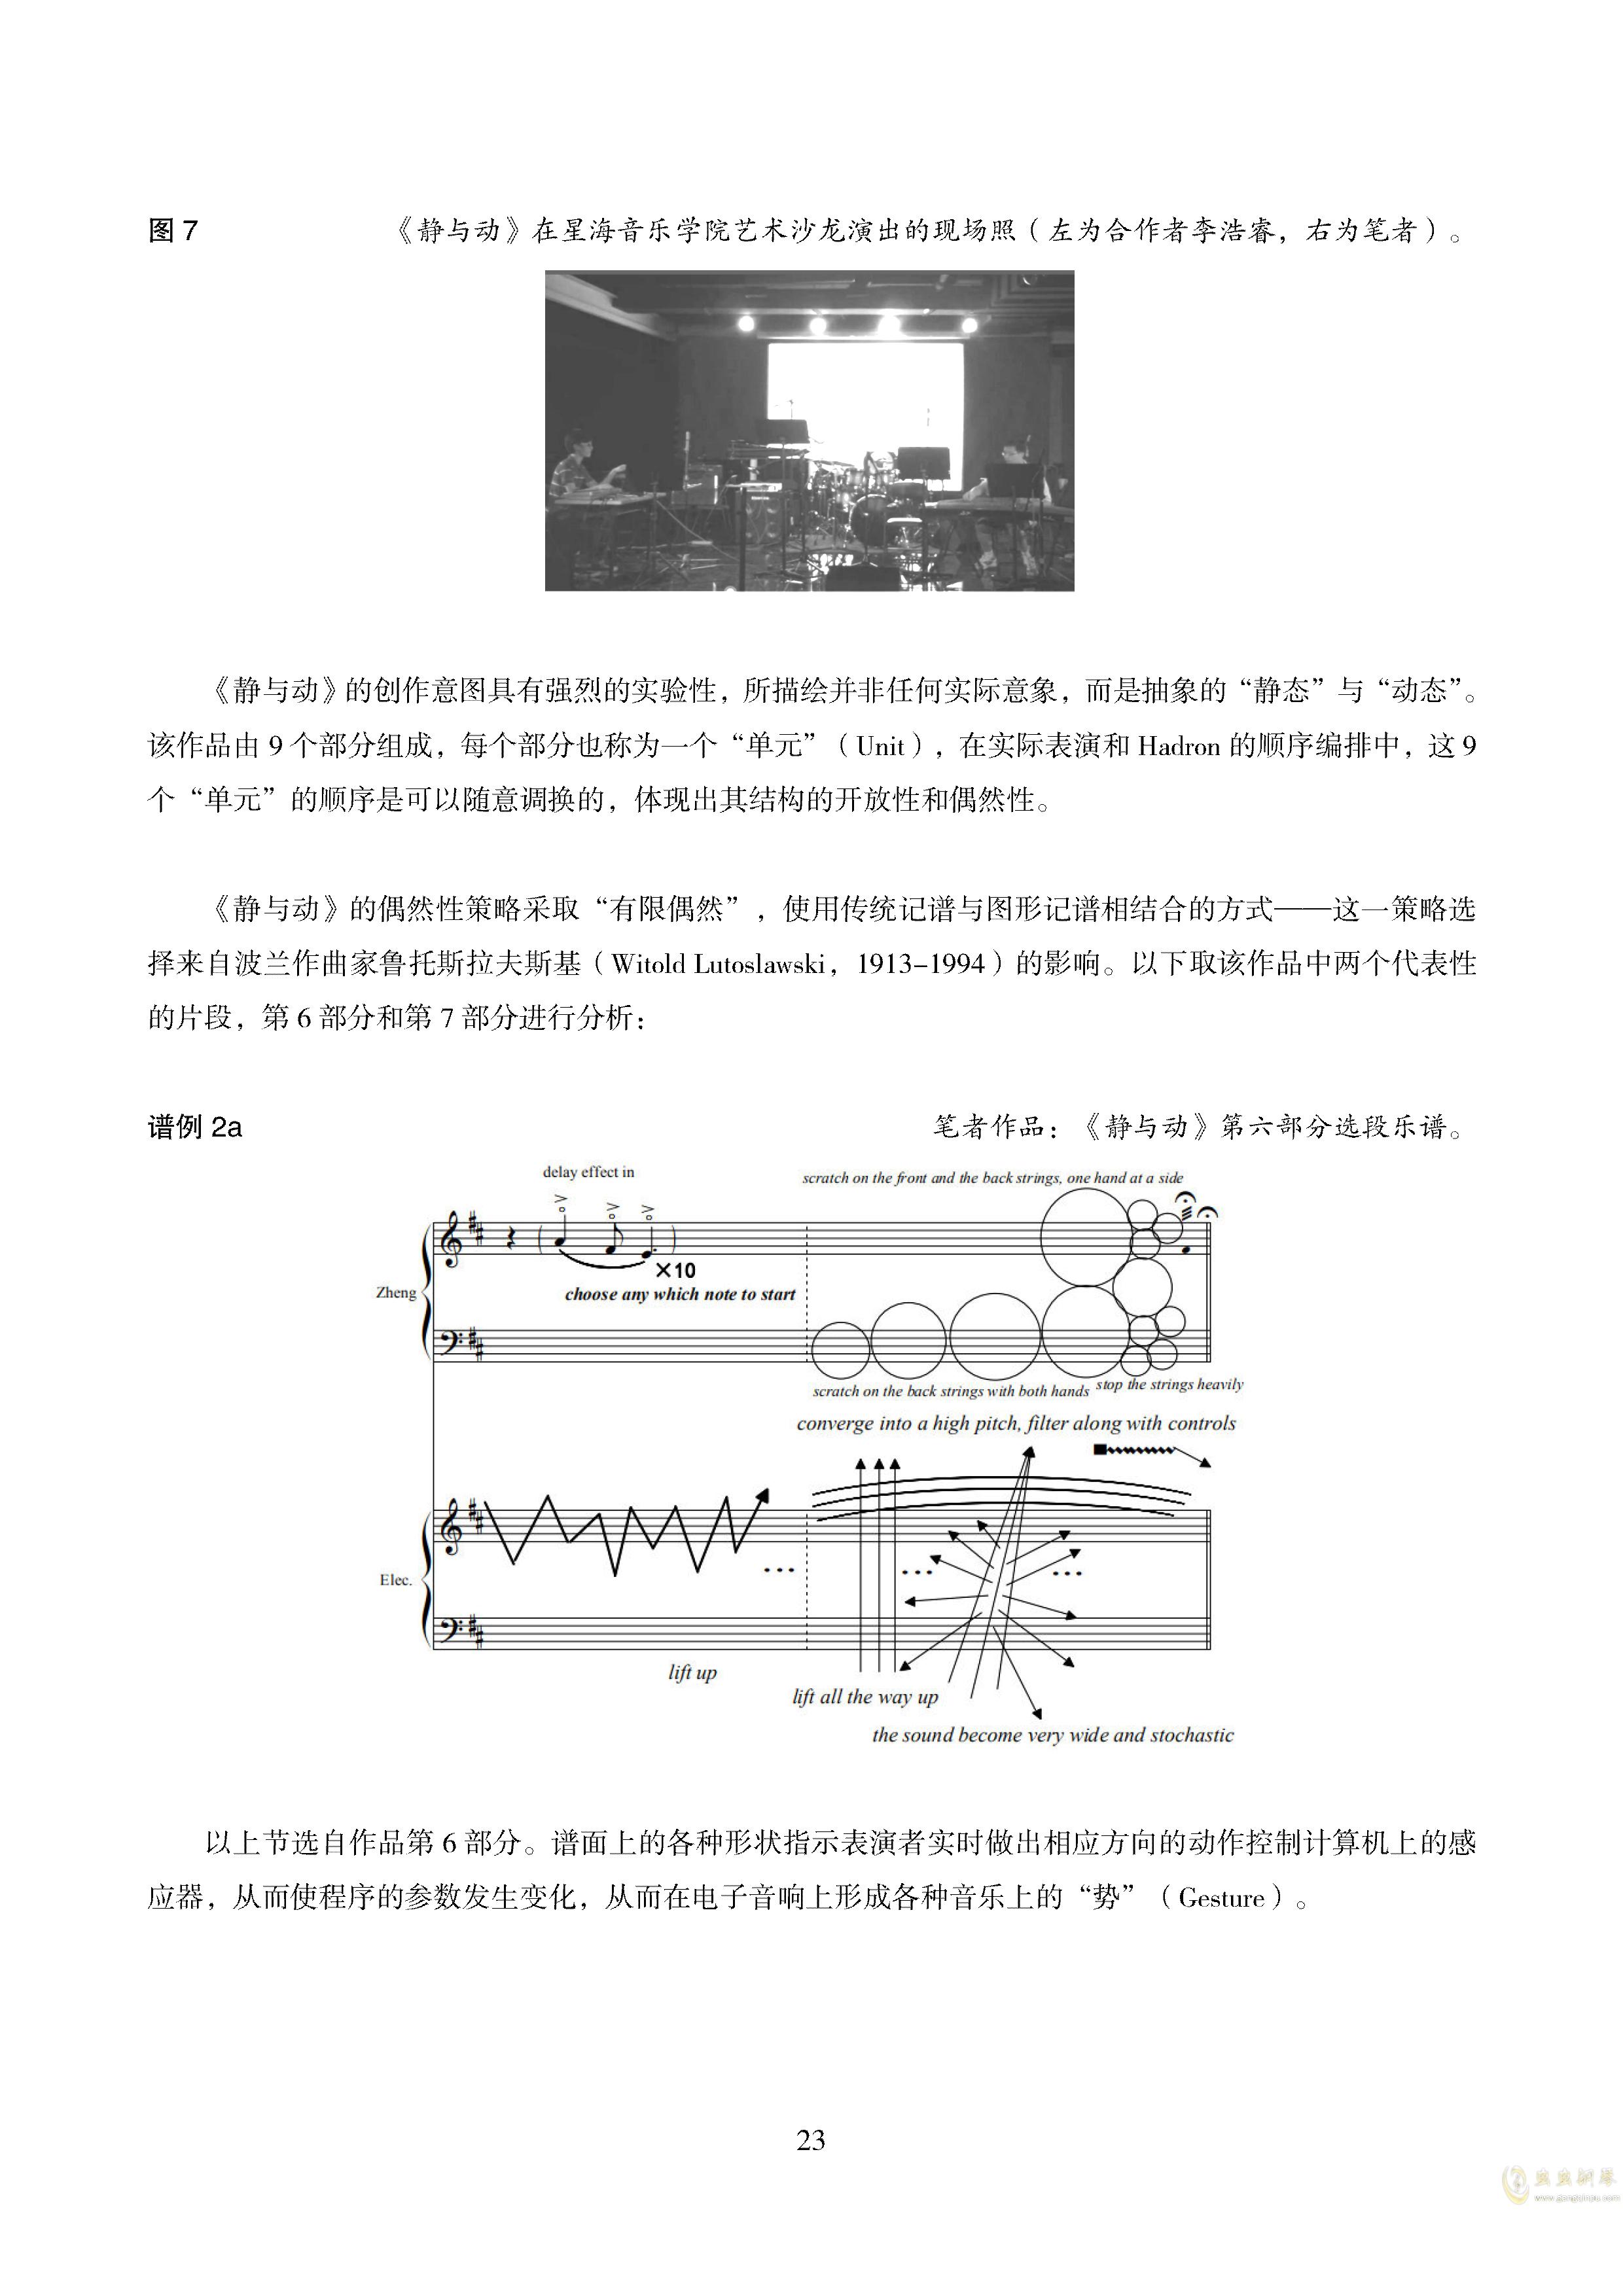 真·硕士论文ag88环亚娱乐谱 第27页